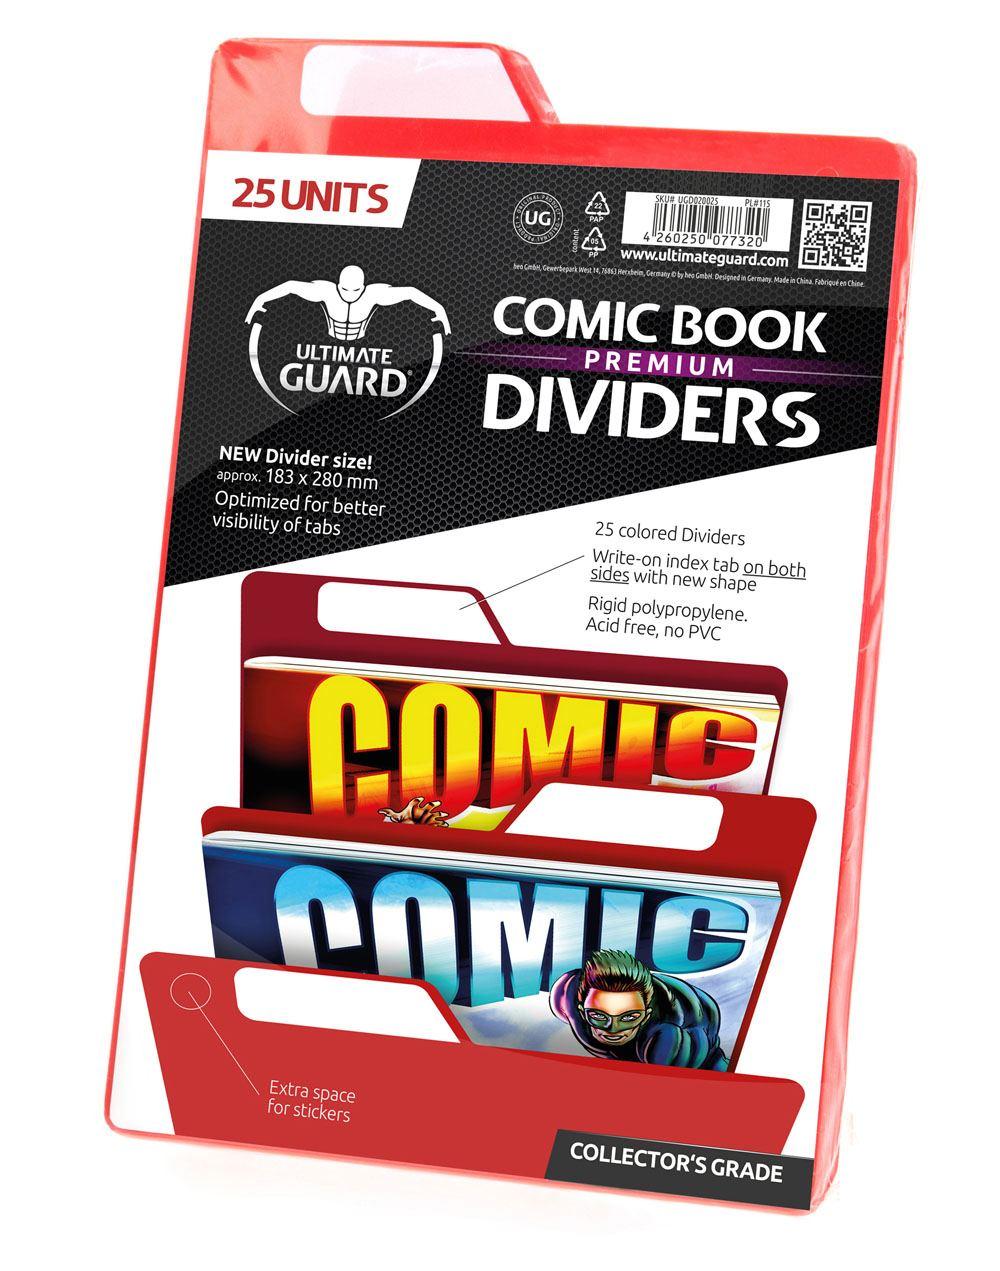 Ultimate Guard Premium Comic Book Dividers Red (25)